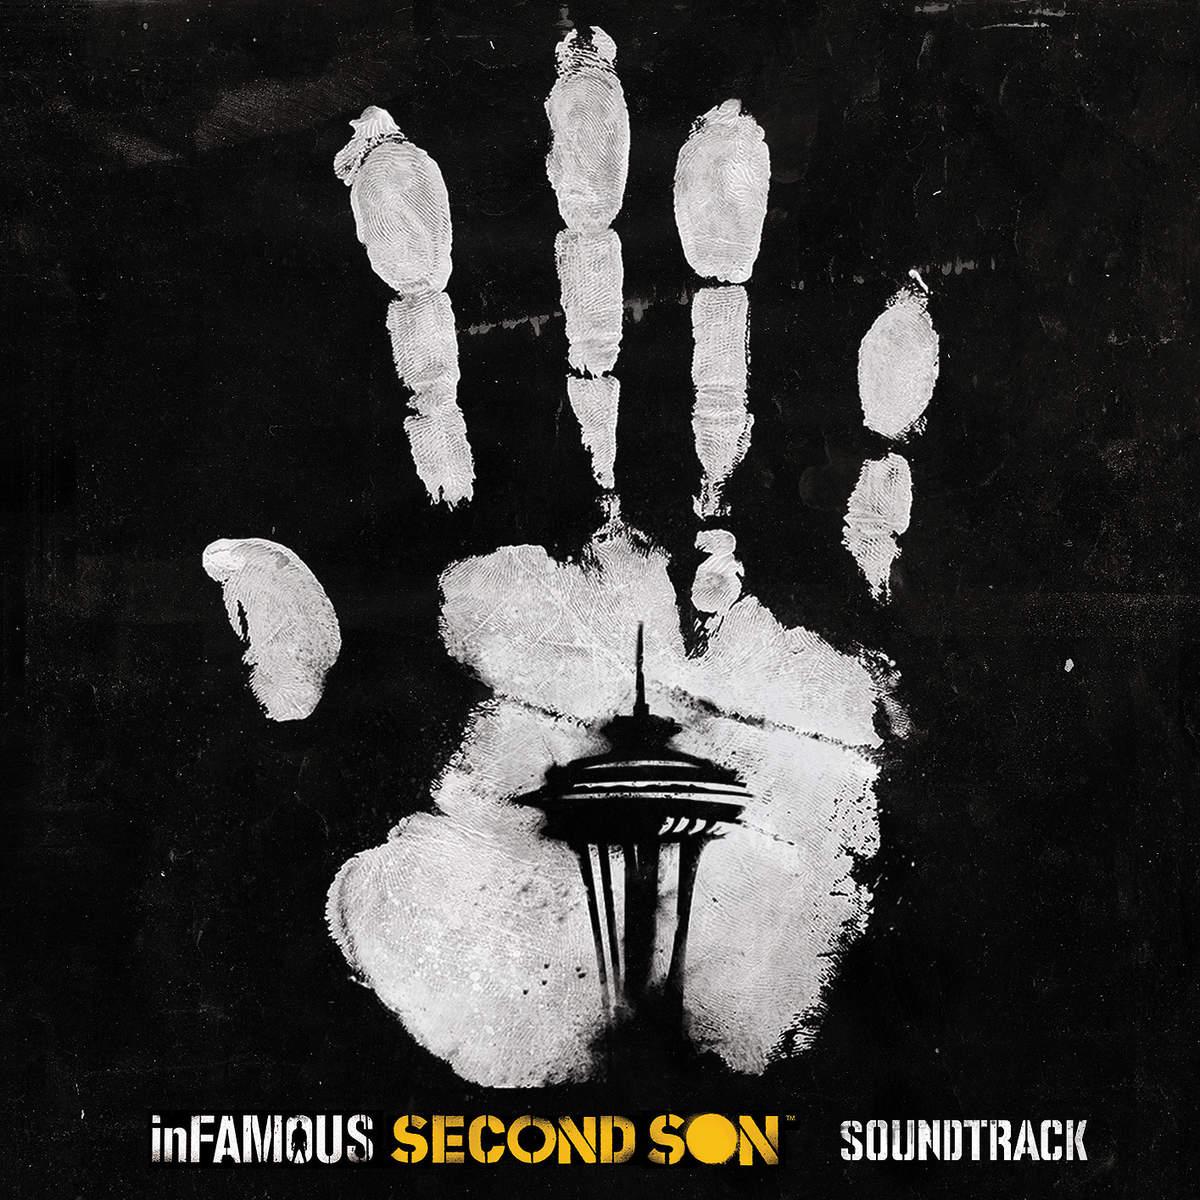 inFamous_Second_Son_Original_Soundtrack__cover1200x1200.jpeg